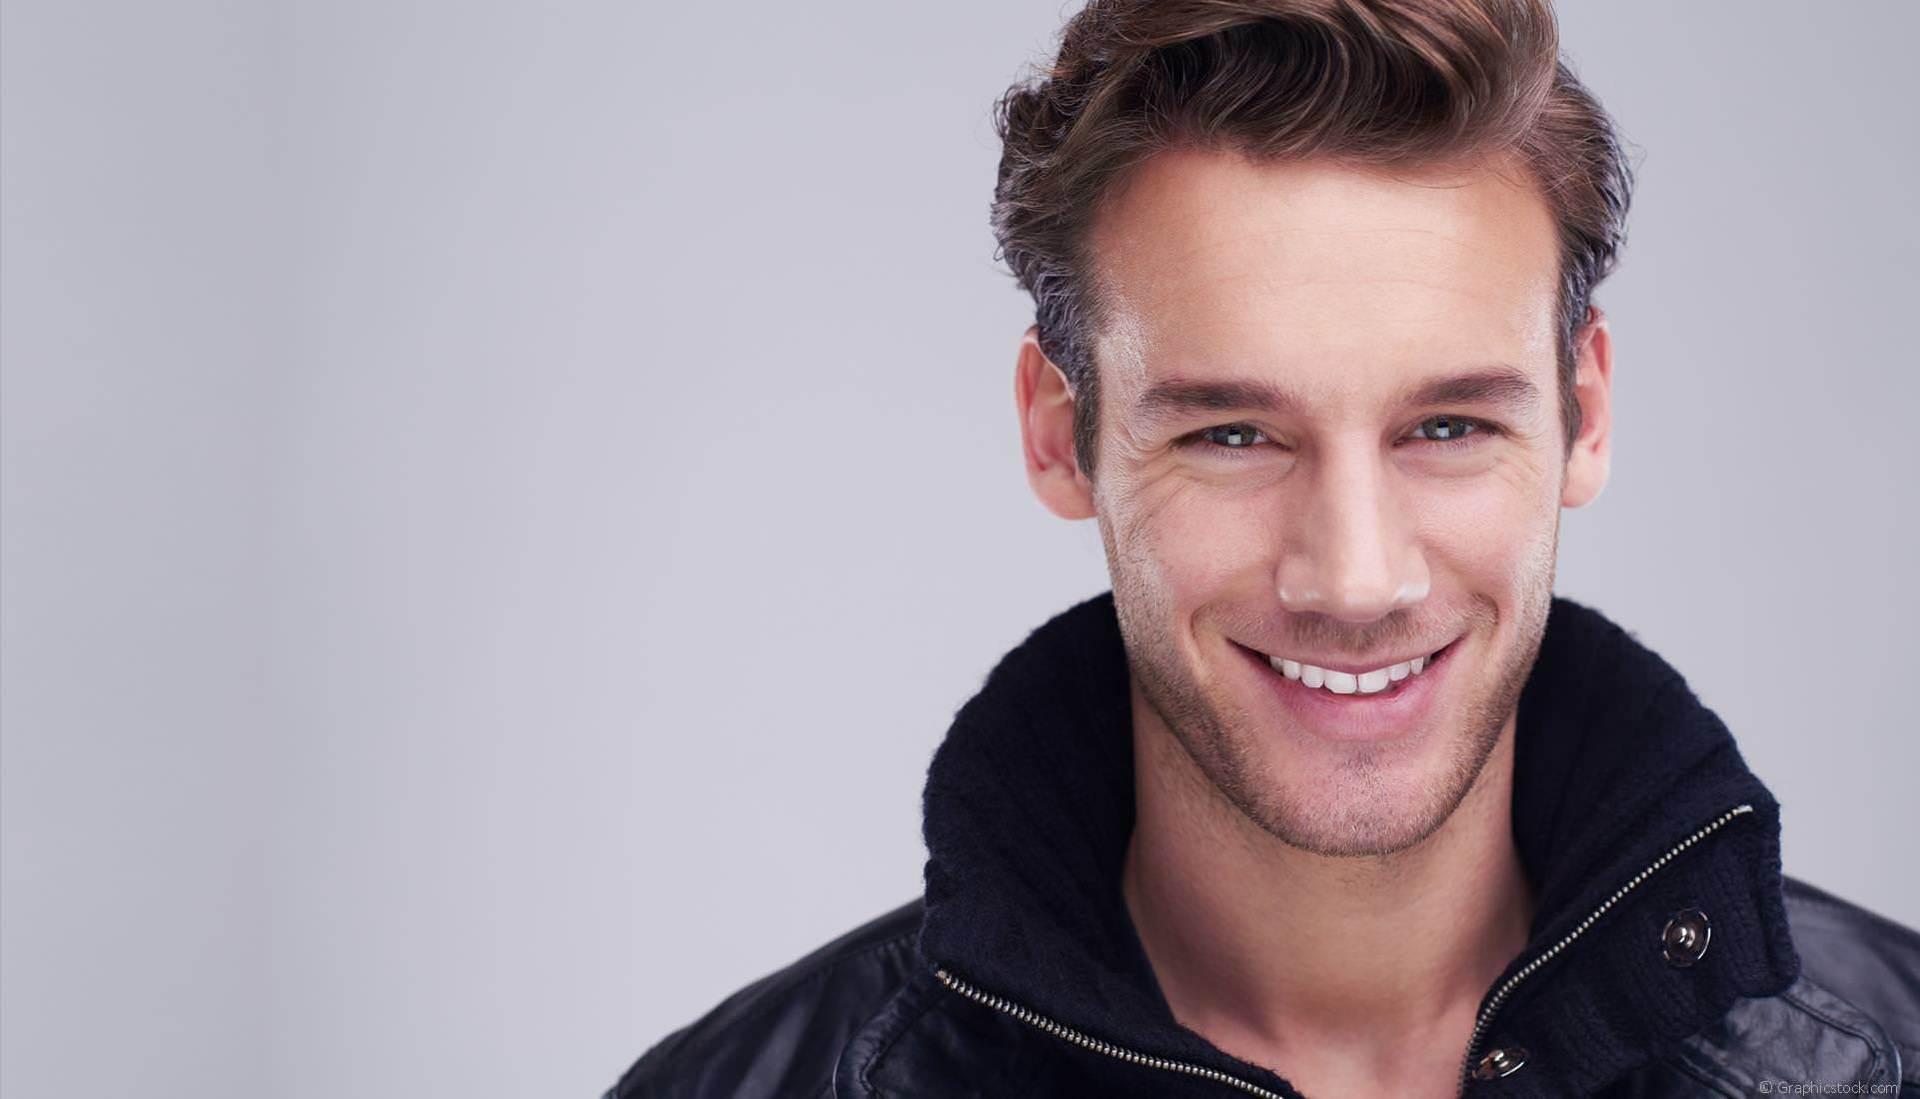 Schönheitskorrekturen an Zähnen